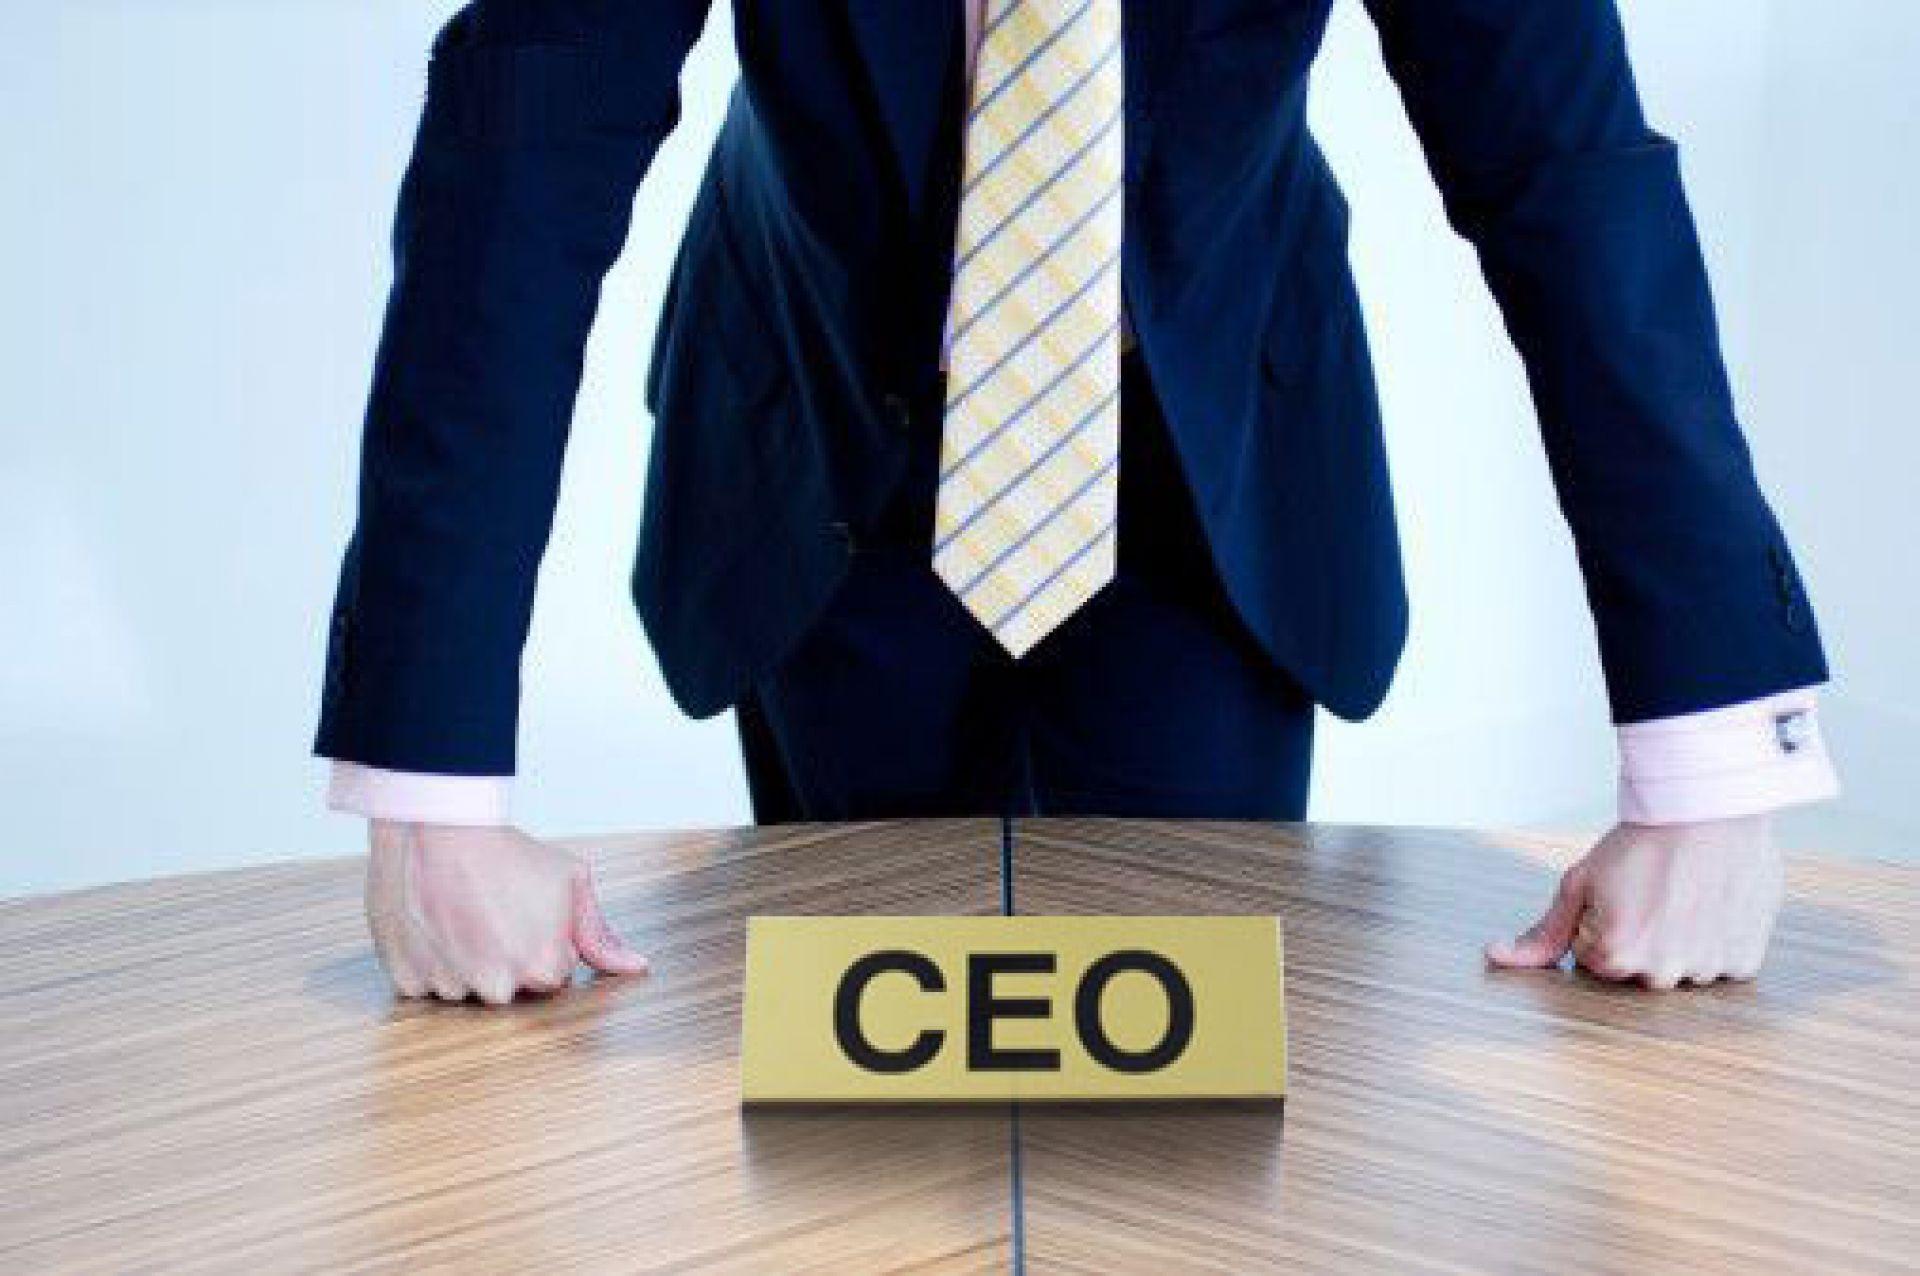 Sau khi thay đổi người đại diện theo pháp luật, doanh nghiệp phải làm gì? - Ảnh 1.